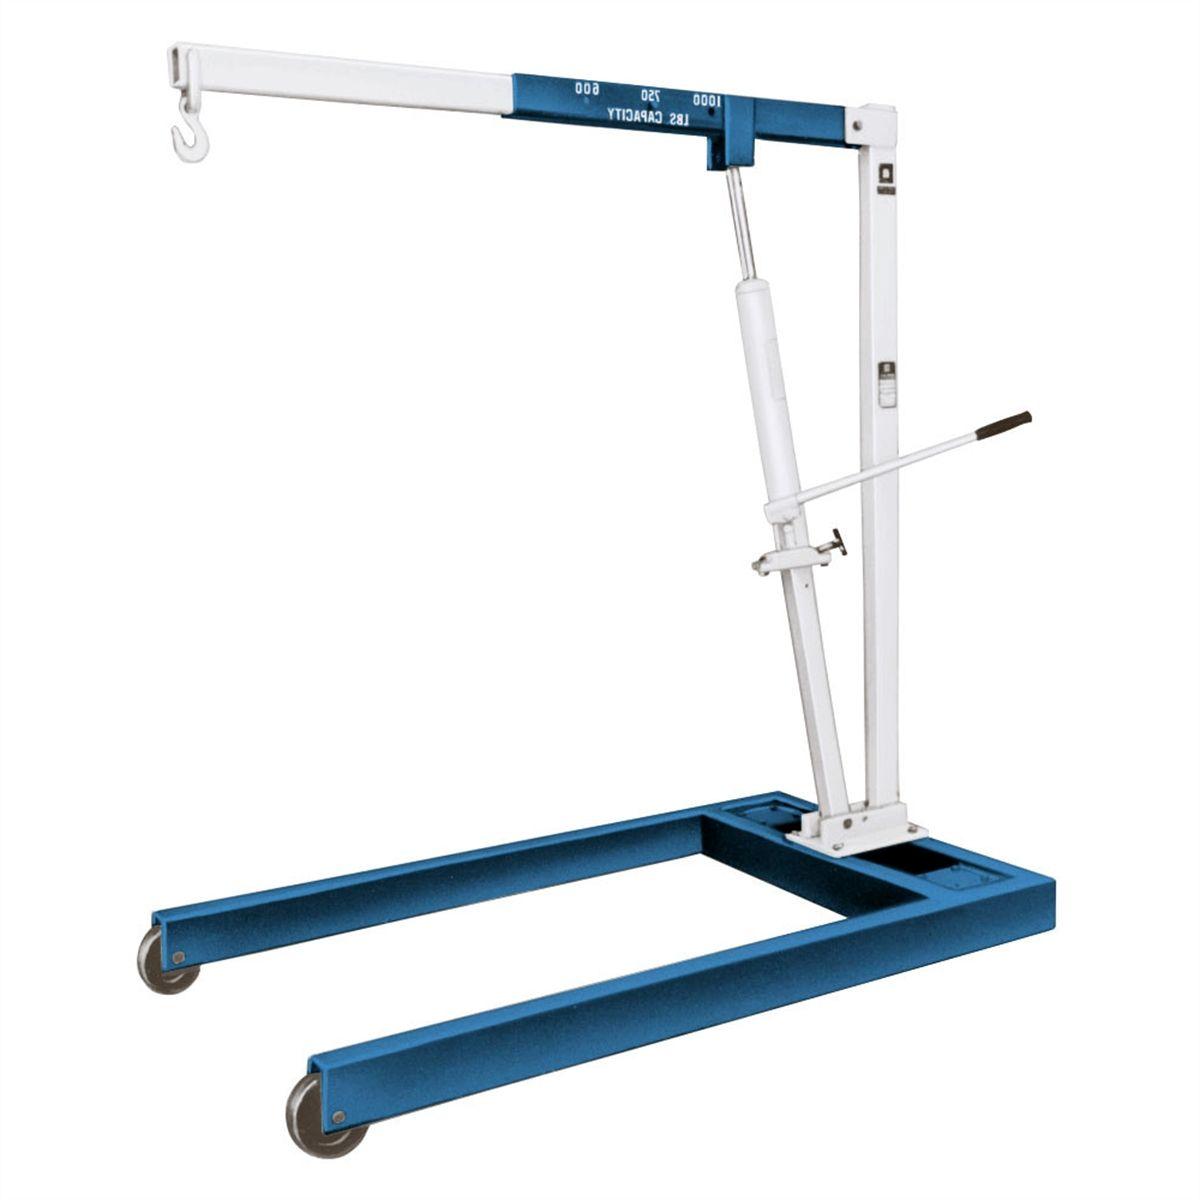 Otc 1807 1000 Lb Mobile Floor Crane Otc1807 Ot1807